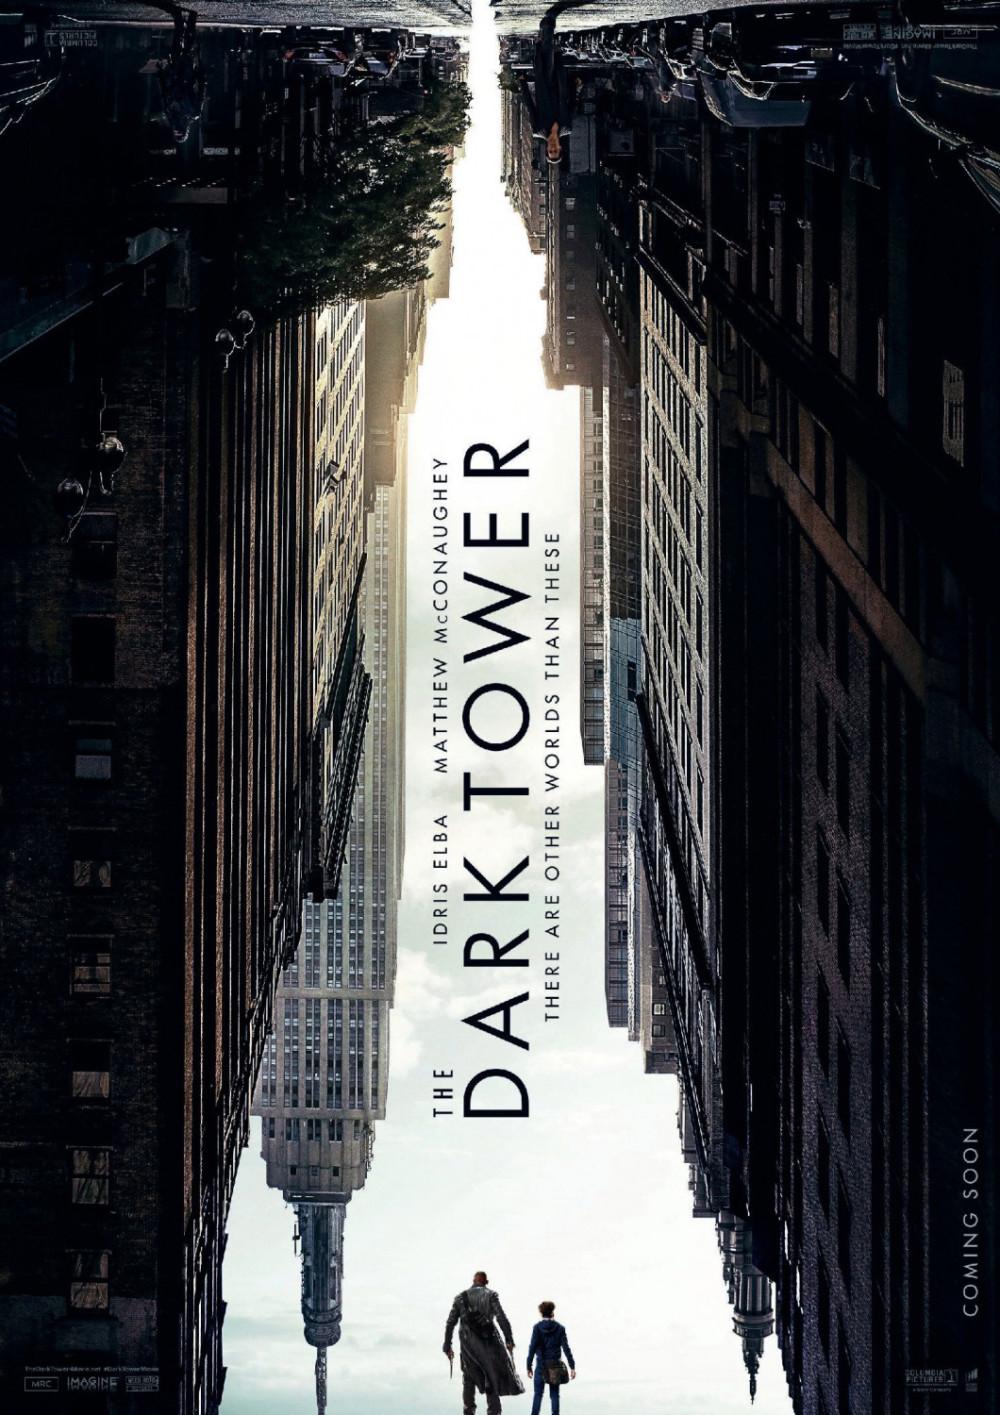 darktowerposter